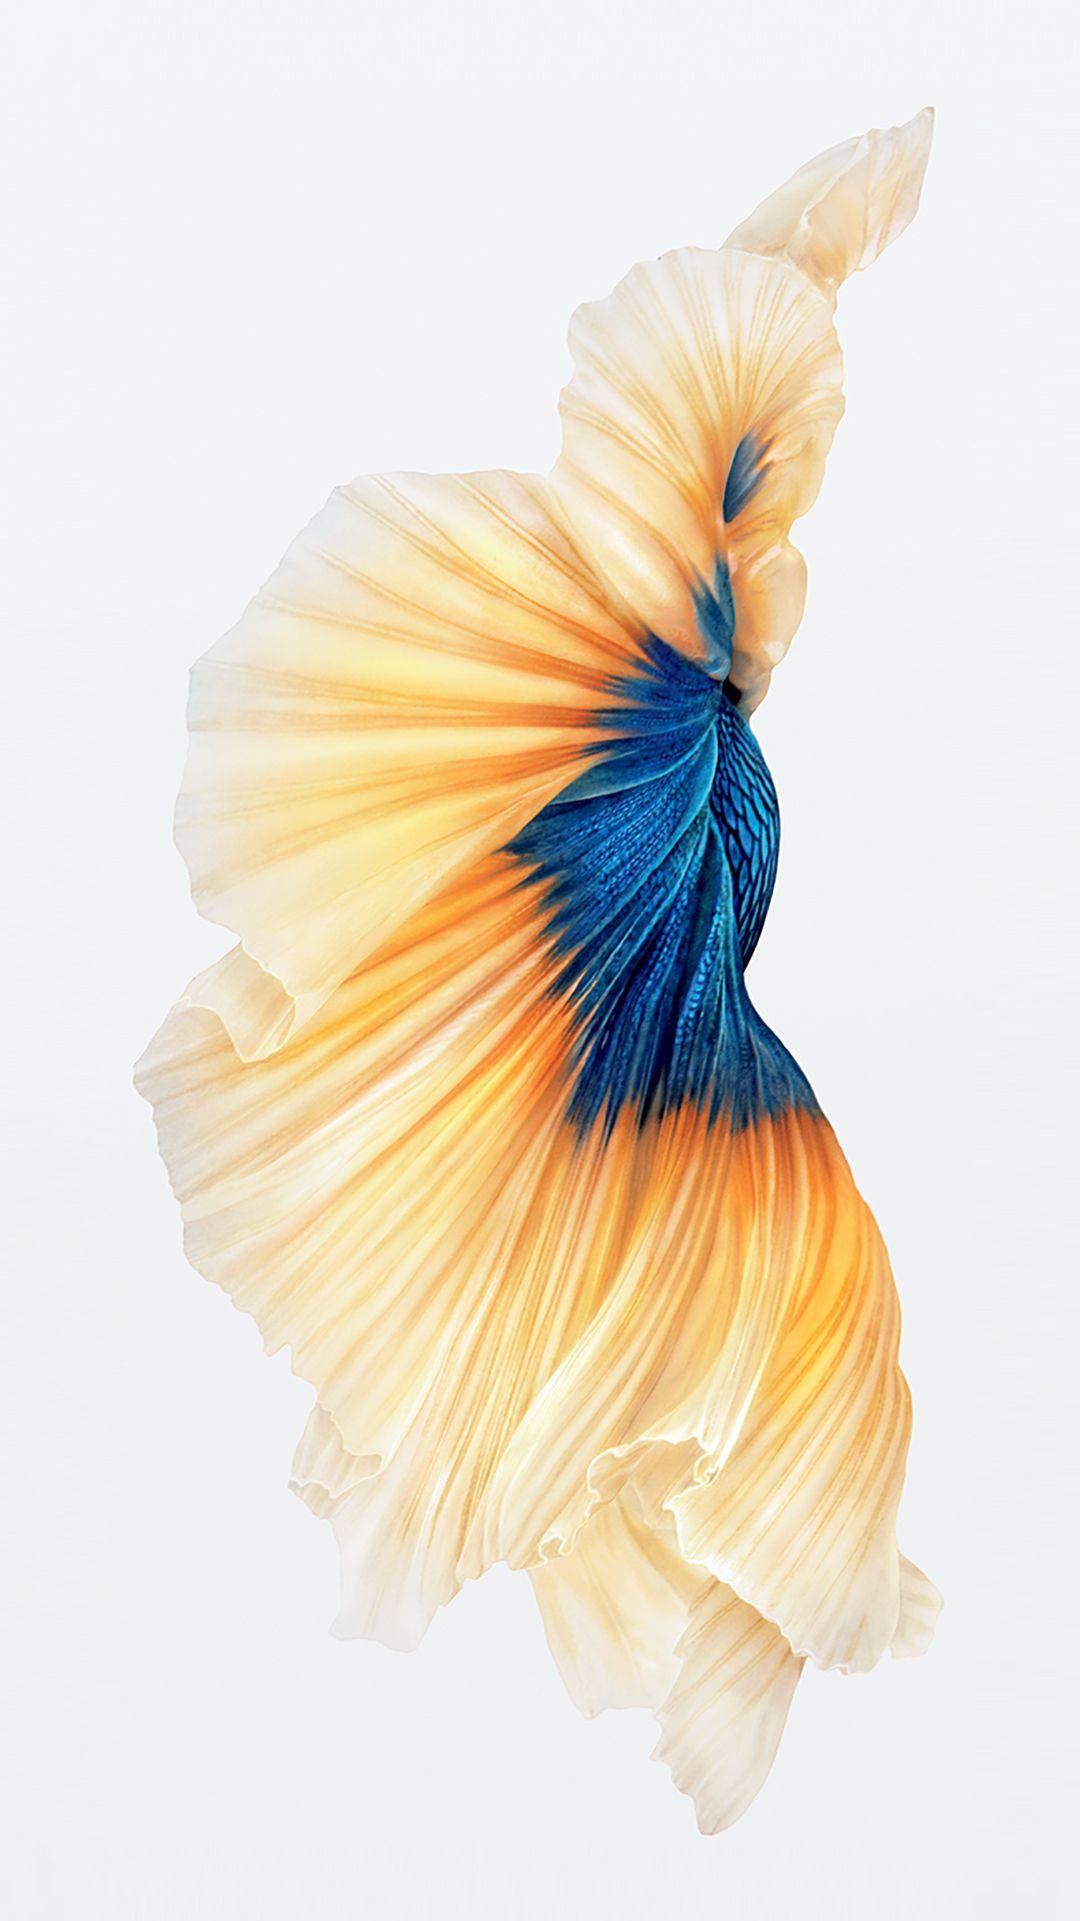 iPhone-6s-Fish-Gold-Wallpaper.jpg 1080×1921 pikseli